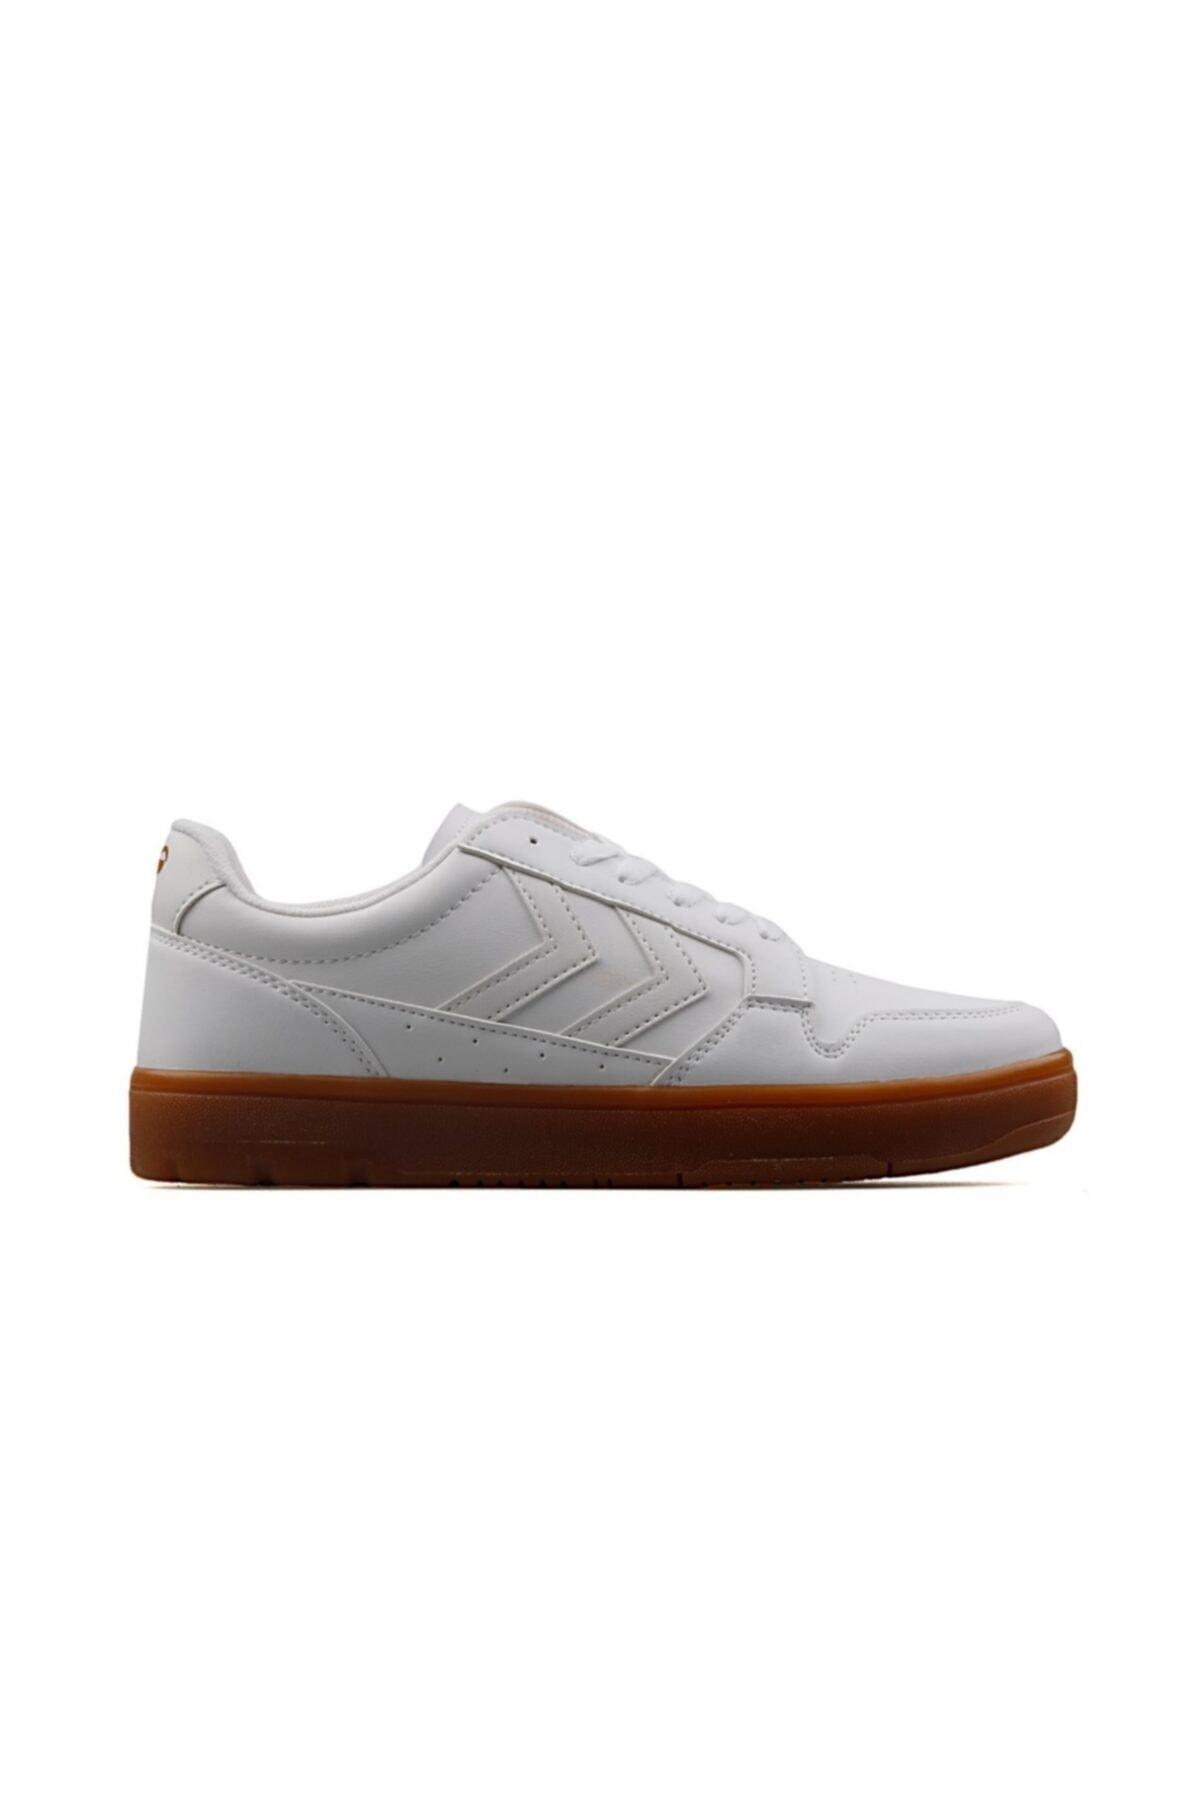 HUMMEL NIELSEN SNEAKER Beyaz Kadın Sneaker Ayakkabı 100490267 1